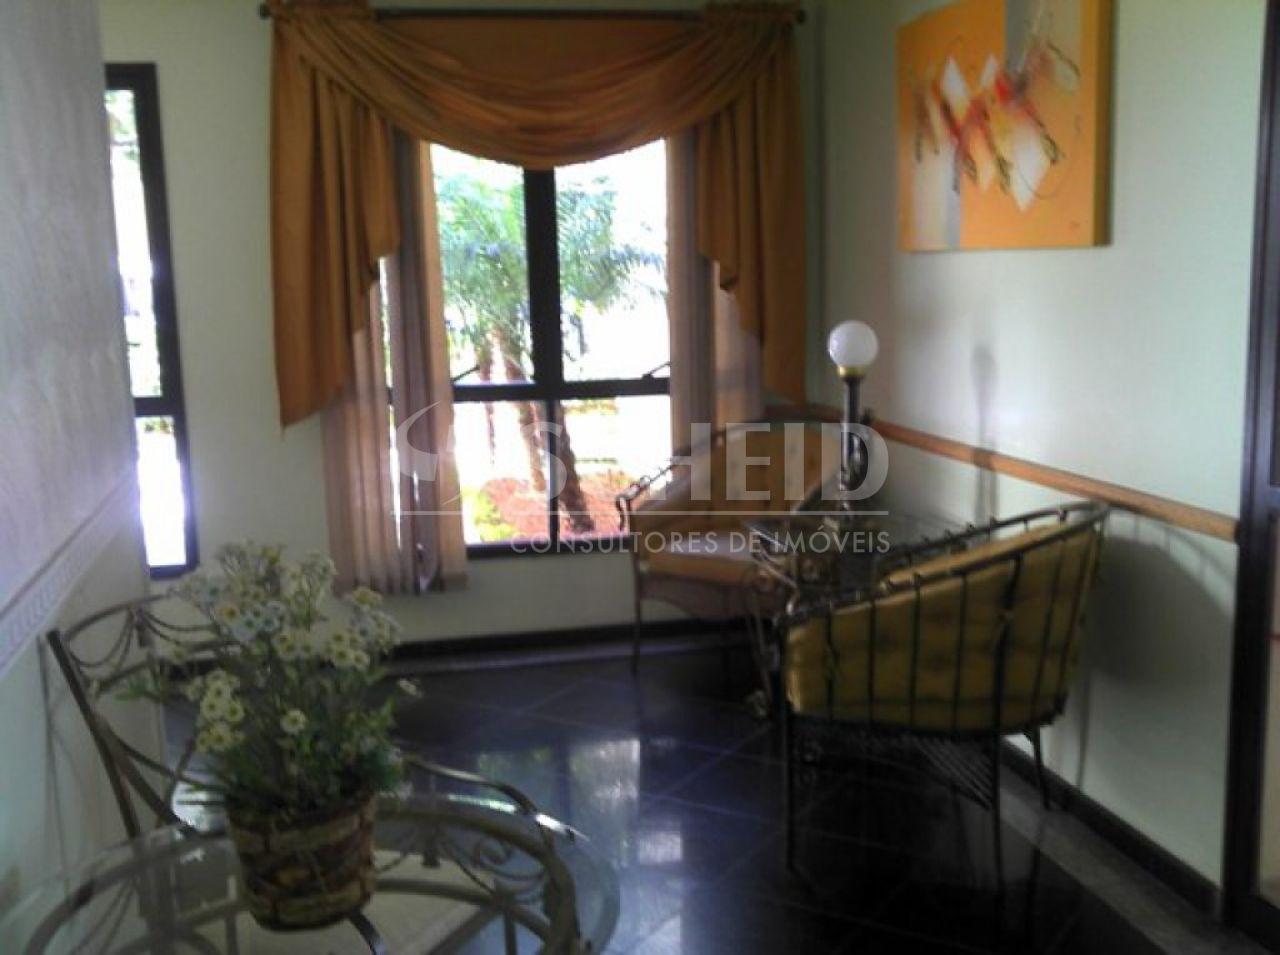 Apartamento de 4 dormitórios em Jardim Da Campina, São Paulo - SP